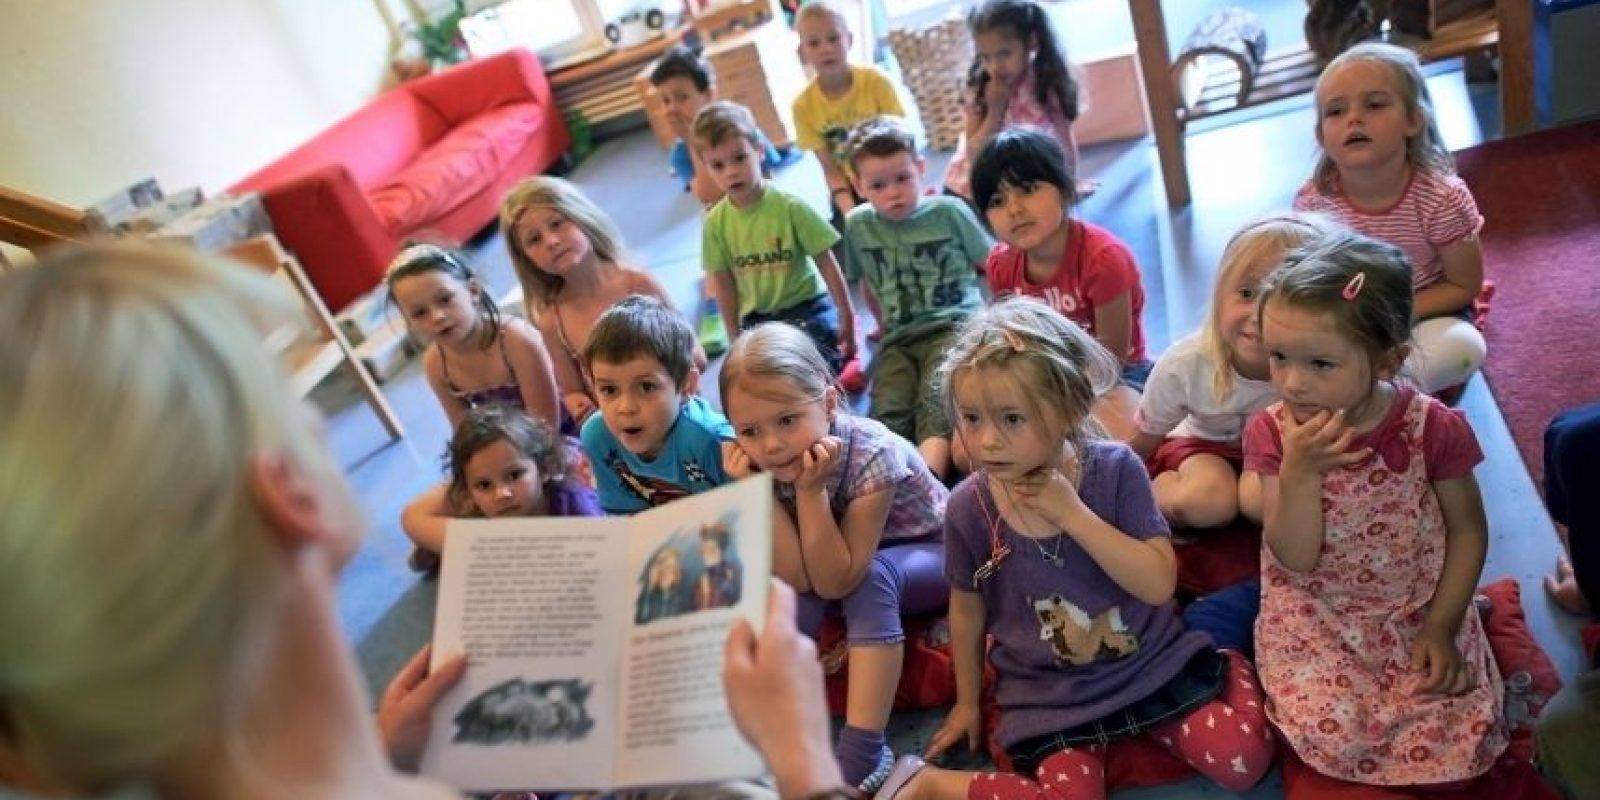 Martha McClure no quizo entregar a los niños por que sabía que Francis Joseph Jackson tenía problemas con el Servicio de Protección al Menor de Estados Unidos. Foto:Getty Images